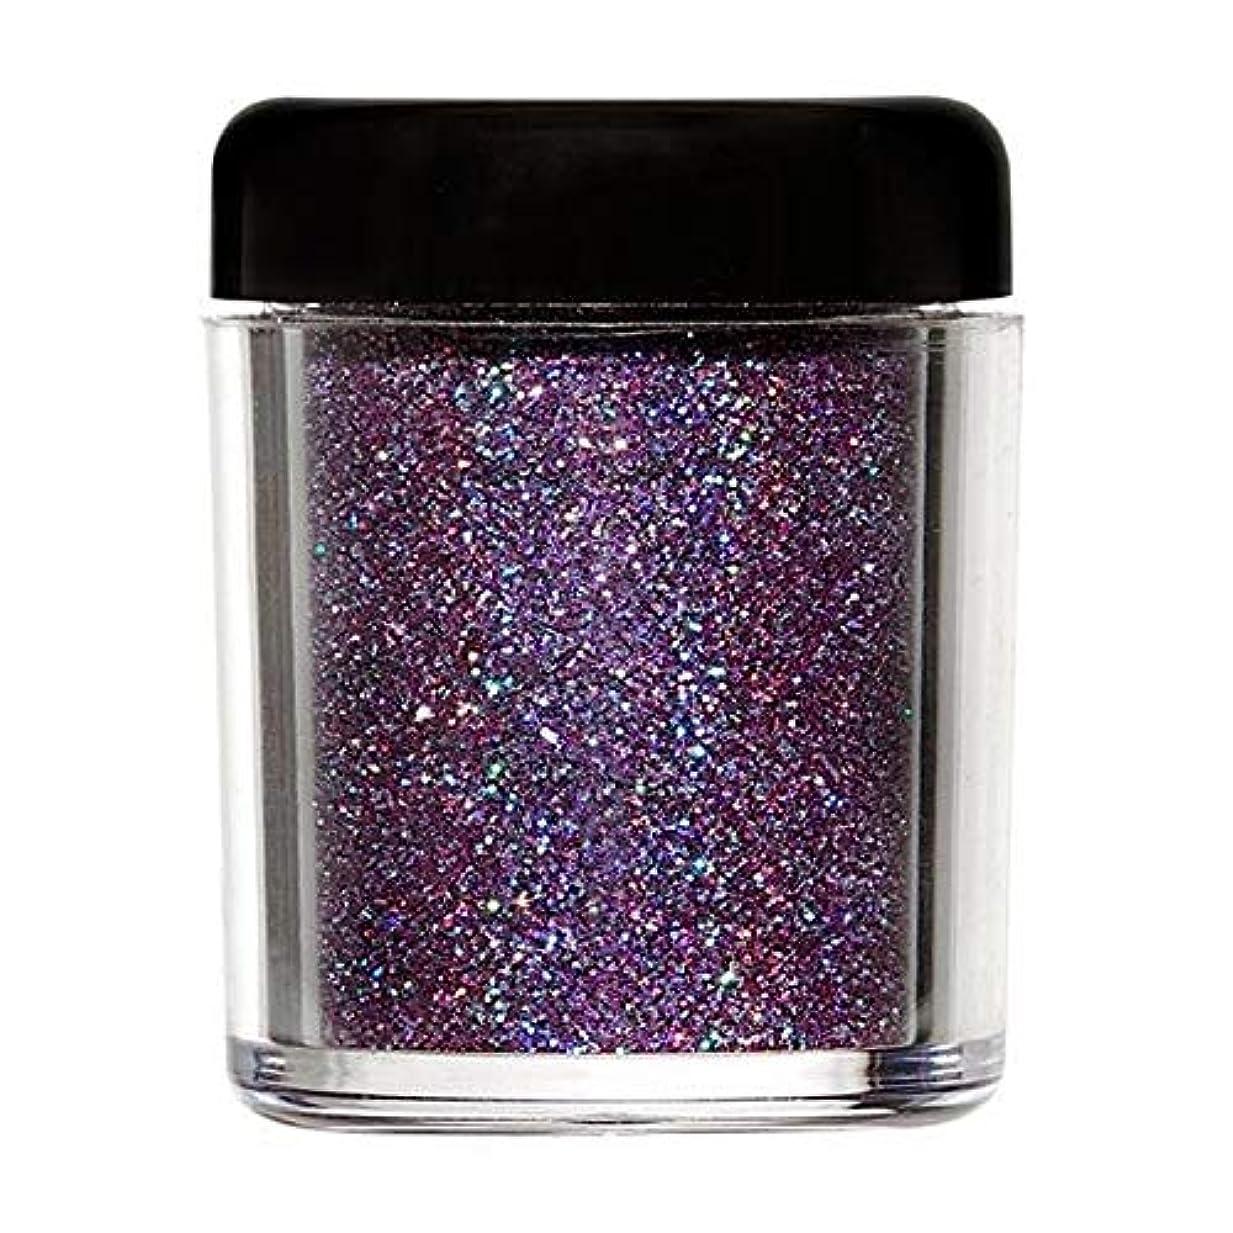 洗うすべき打たれたトラック[Barry M ] バリーメートルのグリッターラッシュボディの輝き - 紫外線 - Barry M Glitter Rush Body Glitter - Ultraviolet [並行輸入品]